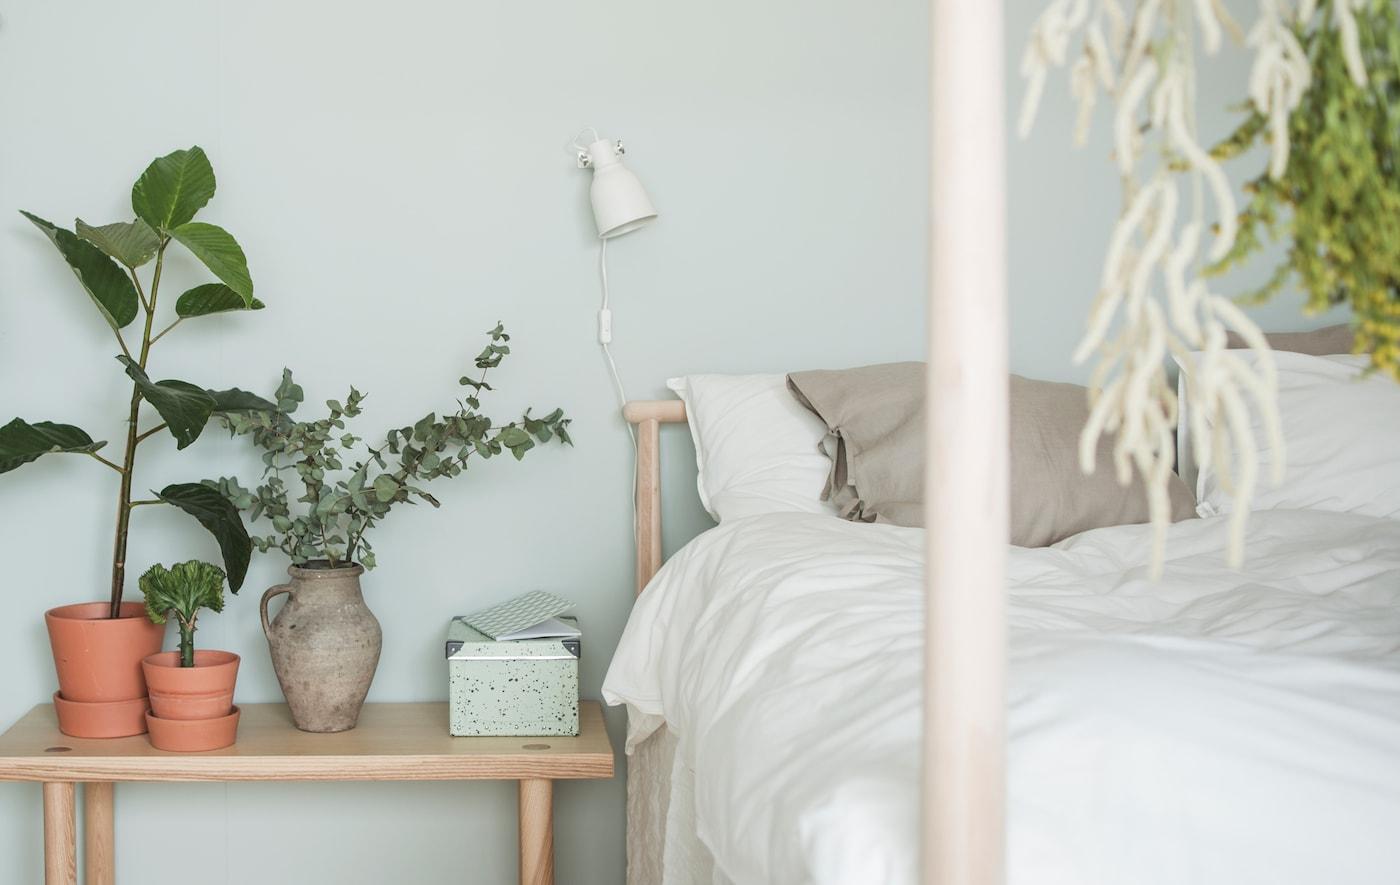 Un letto arredato con tessili naturali di colori tenui con lo sfondo di una parete verde chiaro. Accanto, un comodino basso in frassino con delle piante e una scatola - IKEA